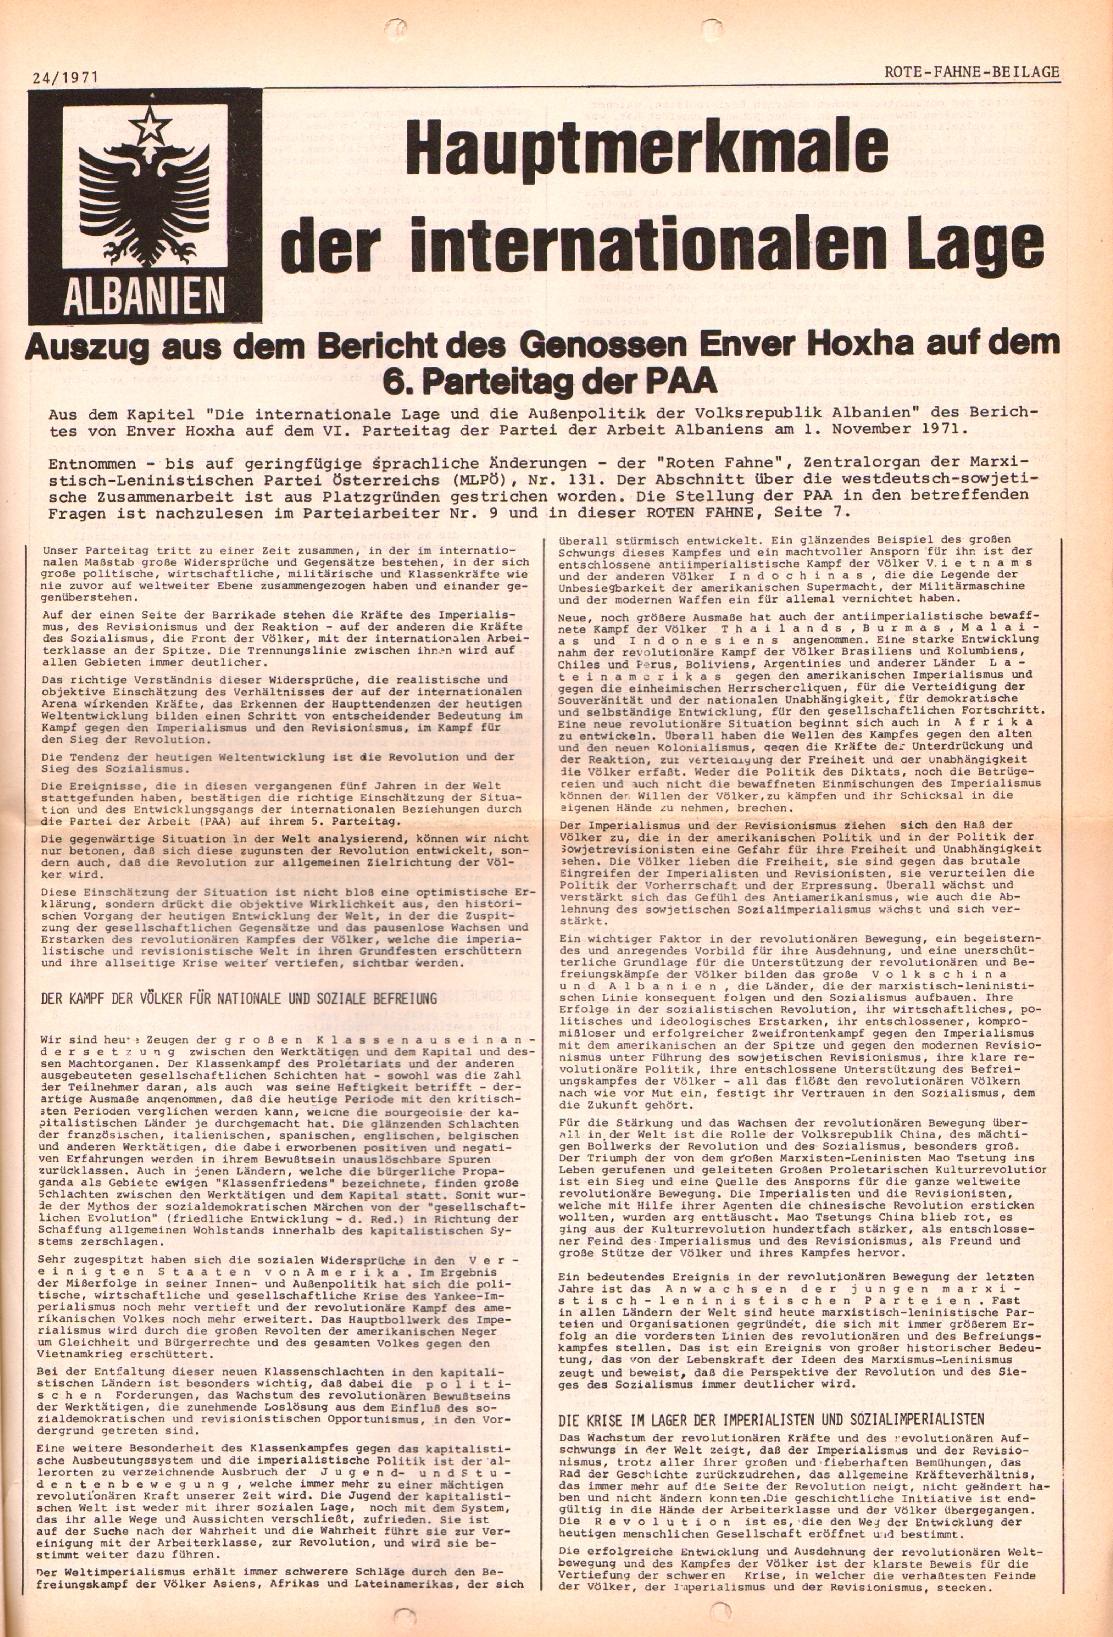 Rote Fahne, 2. Jg., 6.12.1971, Nr. 24, Seite 5